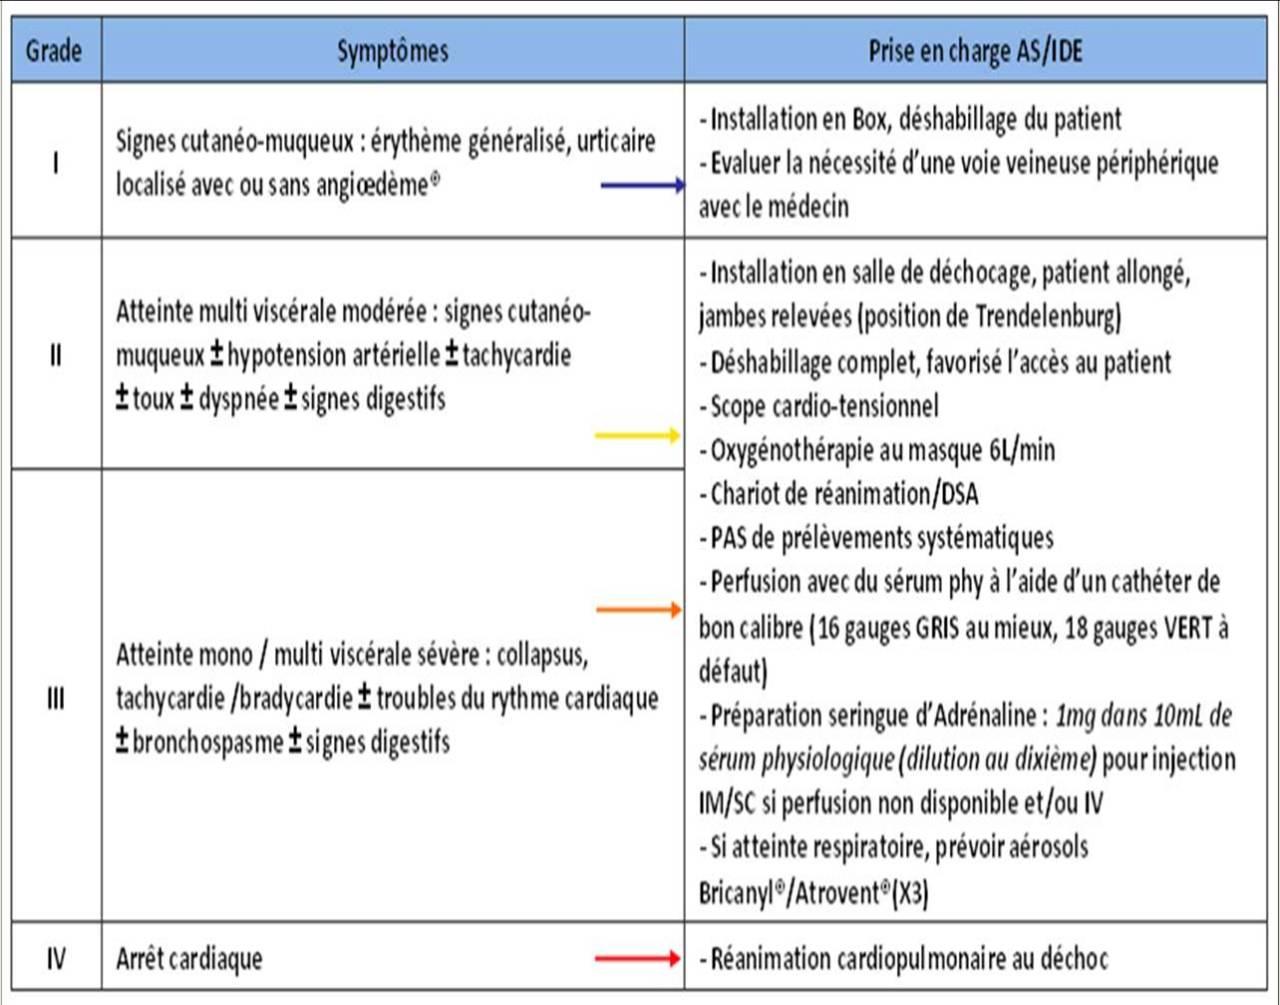 Urticaire superficiel, urticaire profond et anaphylaxie